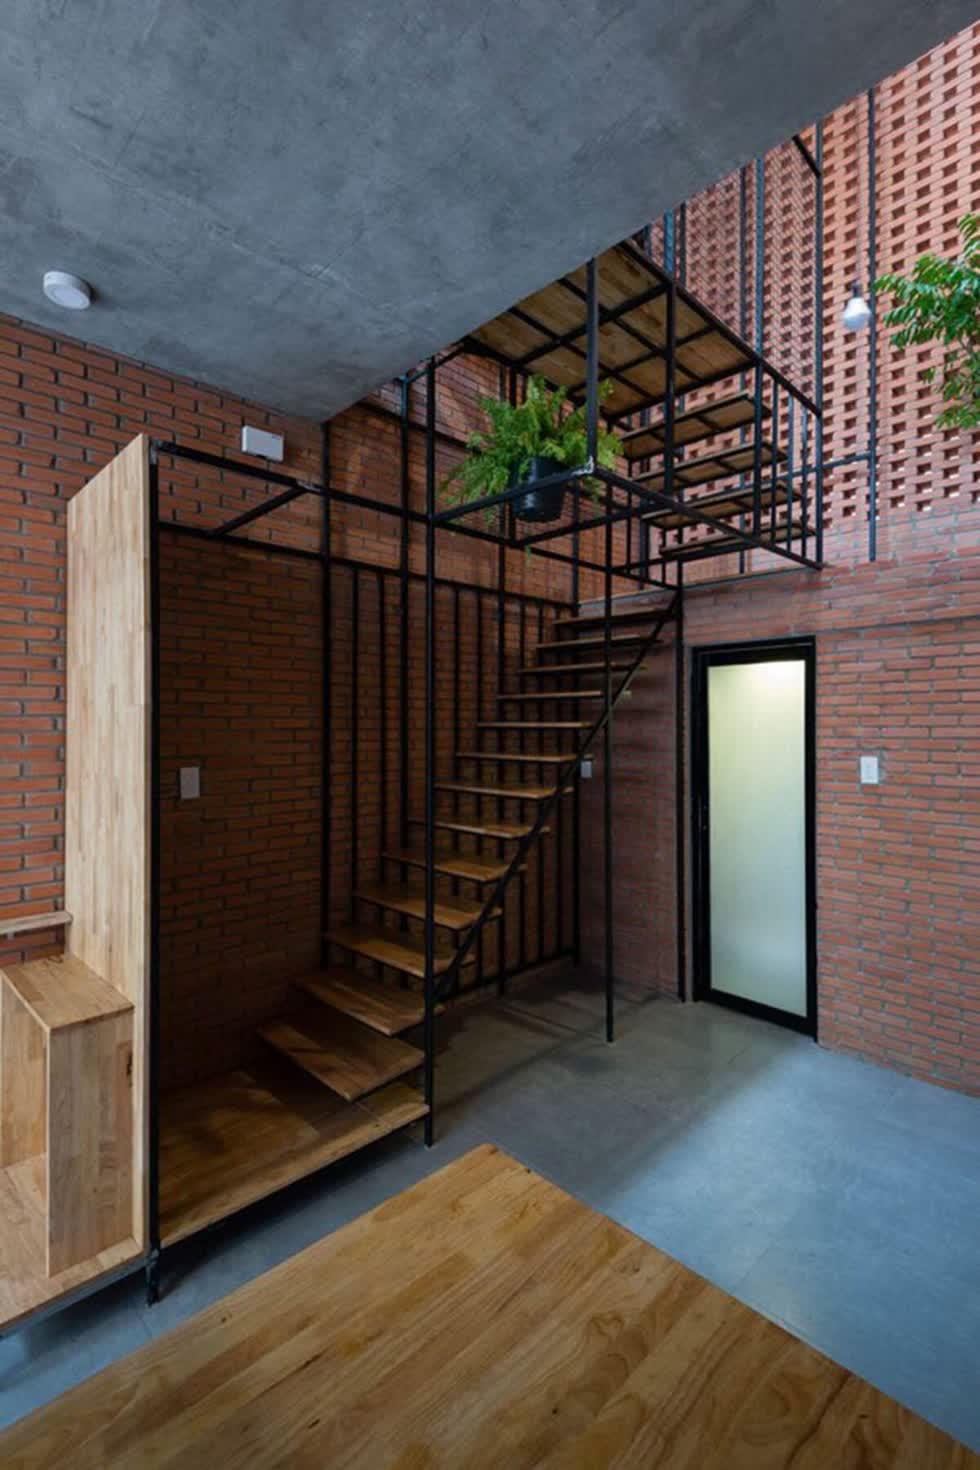 Kiến trúc sư cũng đã khéo léo thiết kế cầu thang được đặt ở góc nhà, với hệ kết cấu thép tạo nên sự thanh mảnh, thông thoáng cho căn nhà nhỏ.